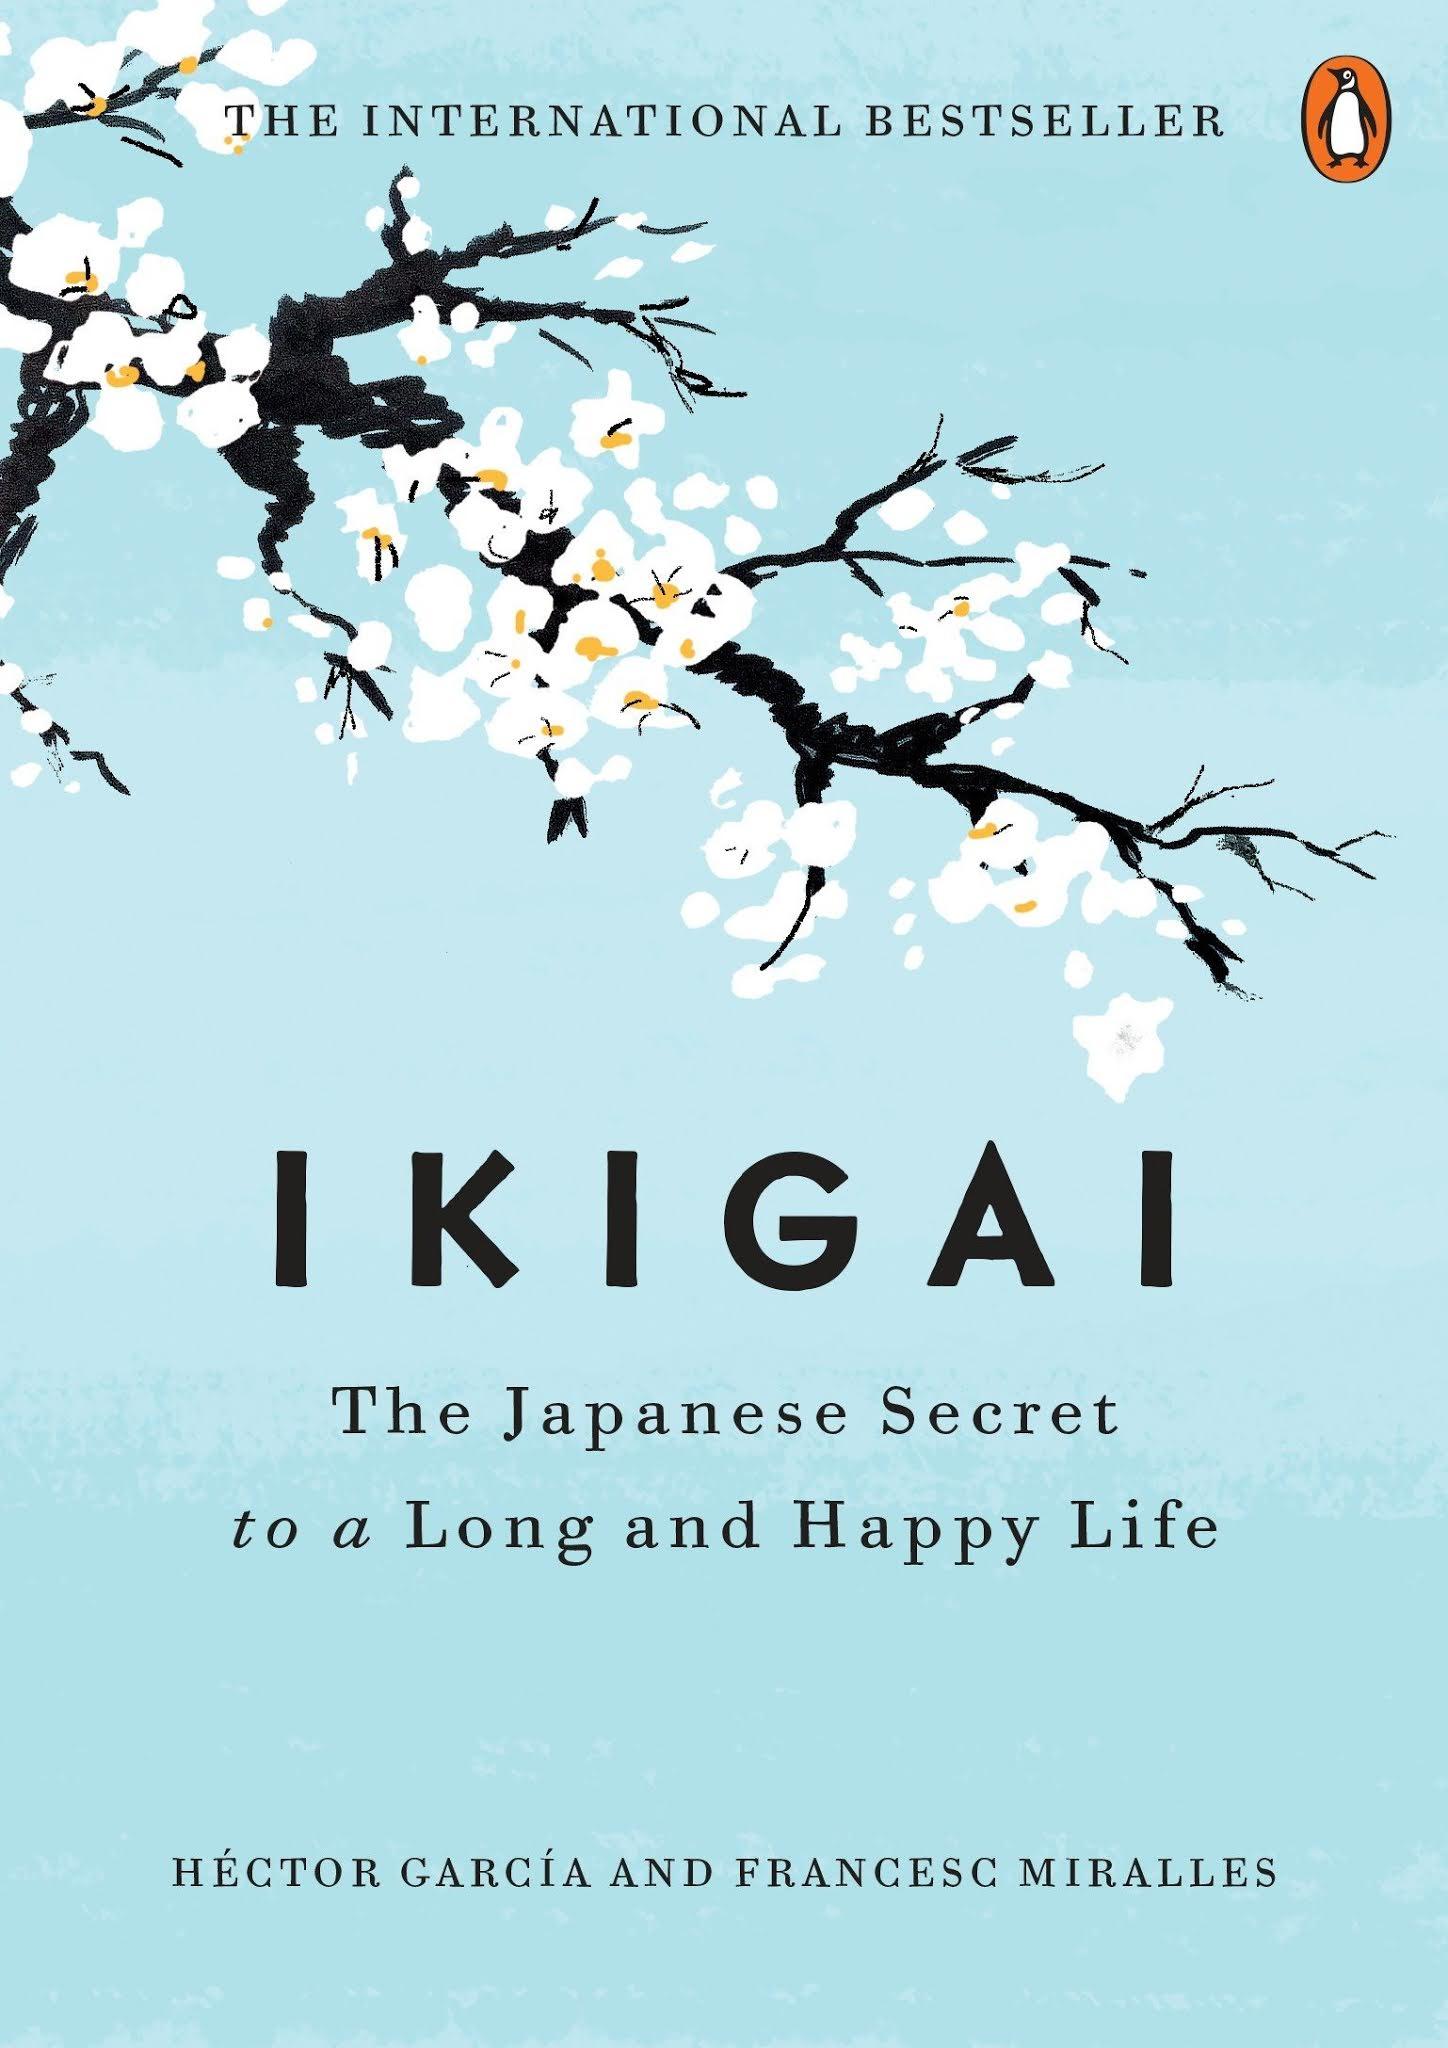 ikigai pdf book download